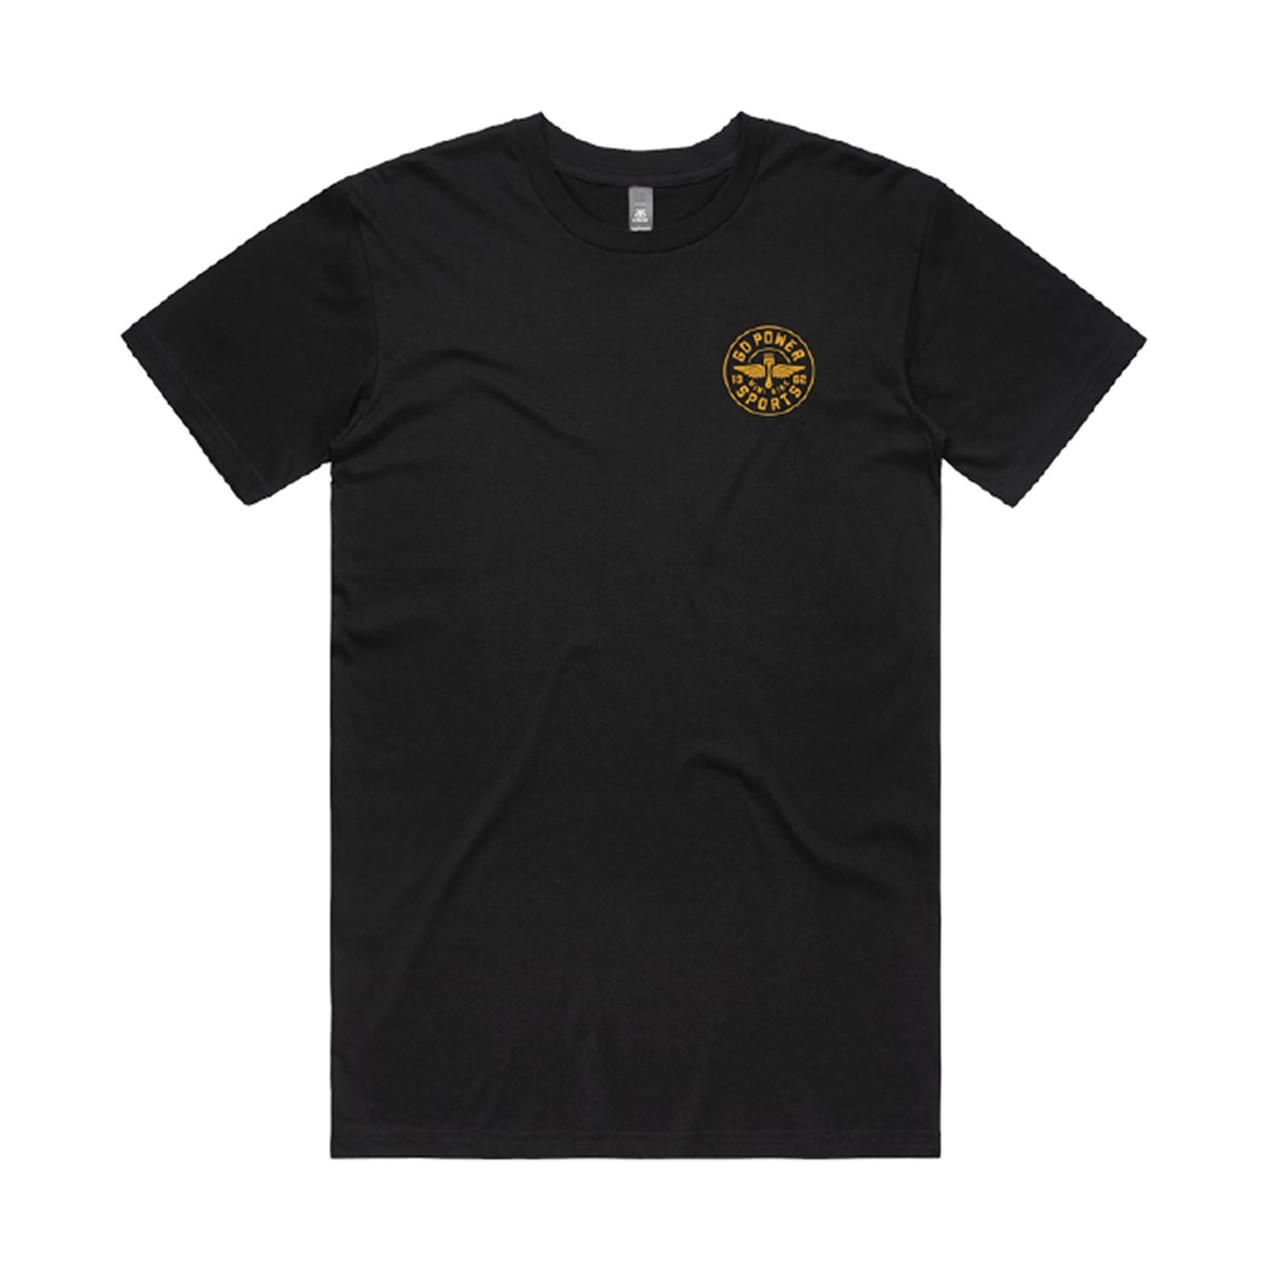 Lil' Rascal Shirt